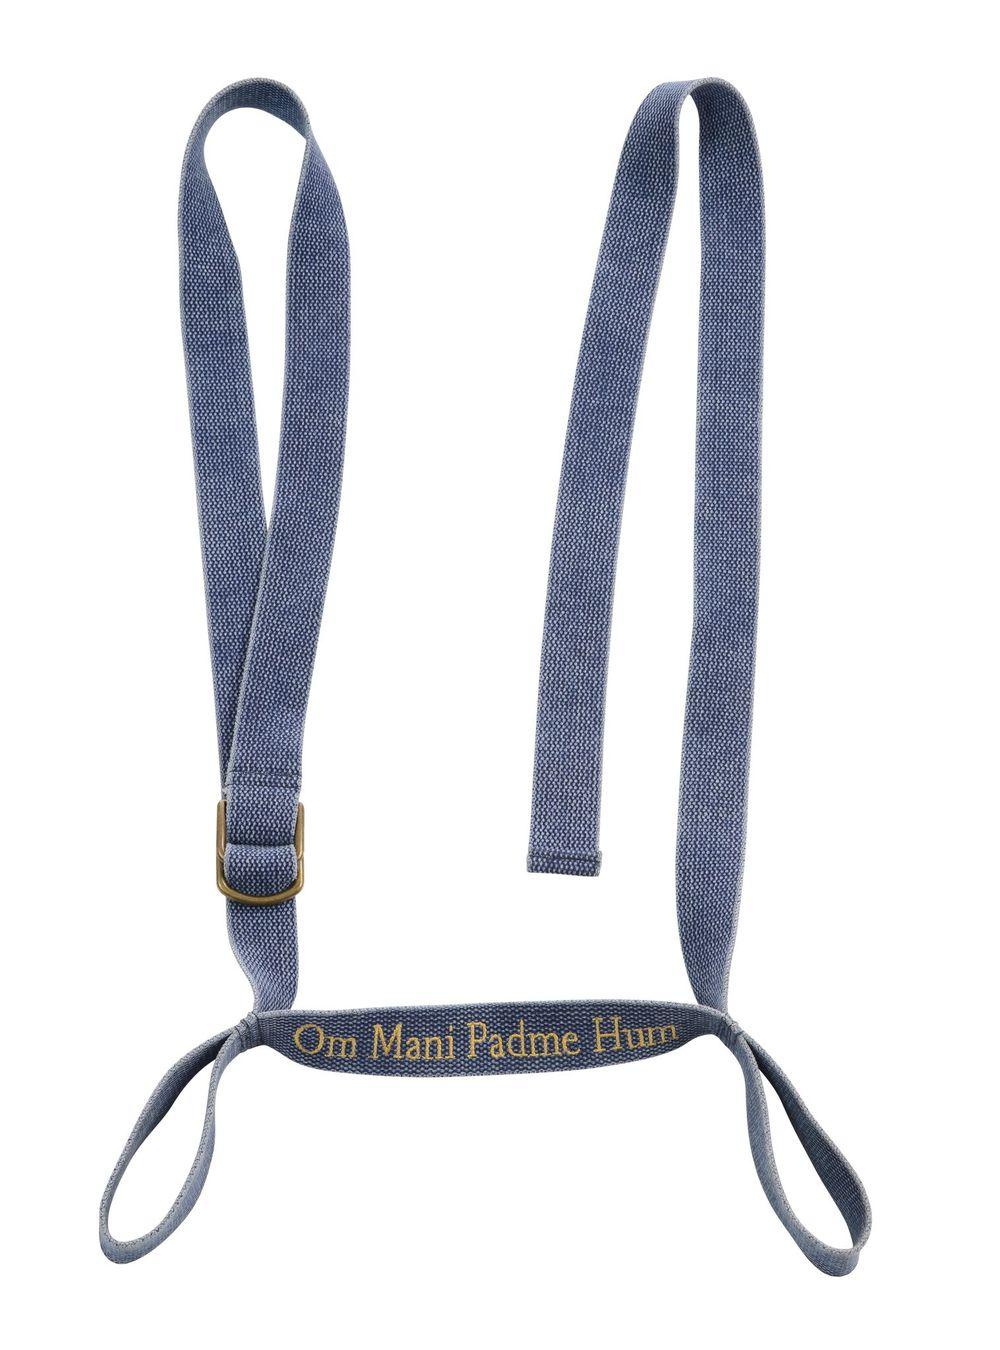 HastaPada: Large Overall Adjustable Loop